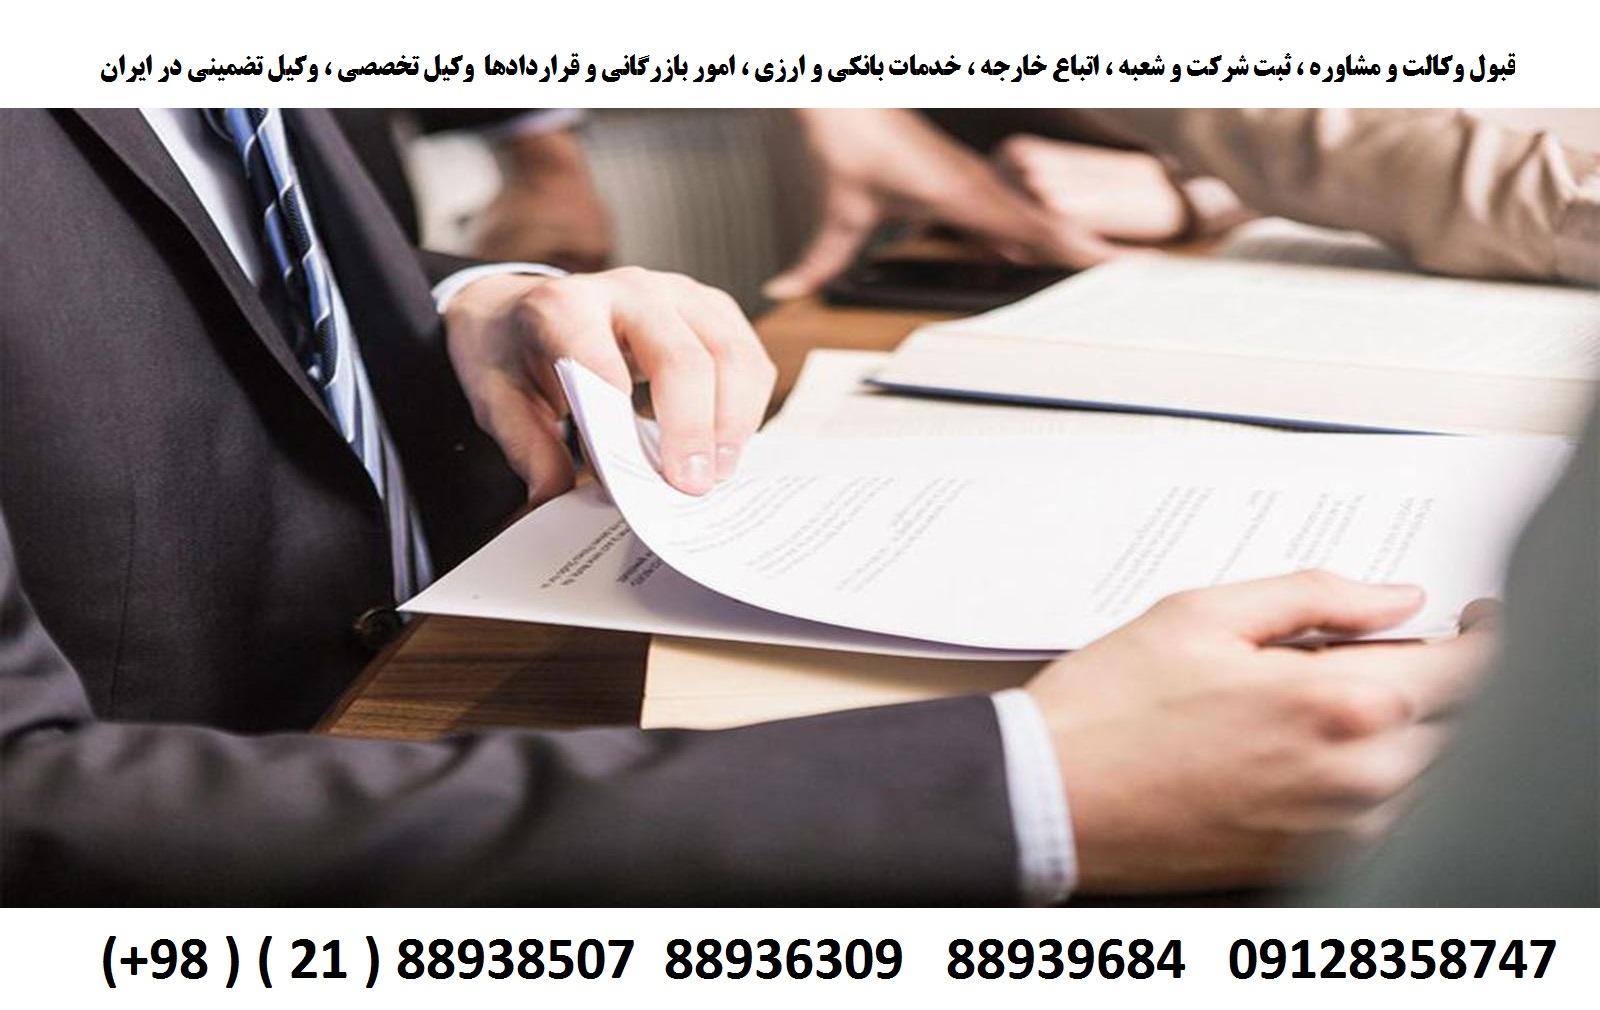 قبول وکالت و مشاوره ، ثبت شرکت و شعبه ، خدمات بانکی و ارزی ، بازرگانی (2)